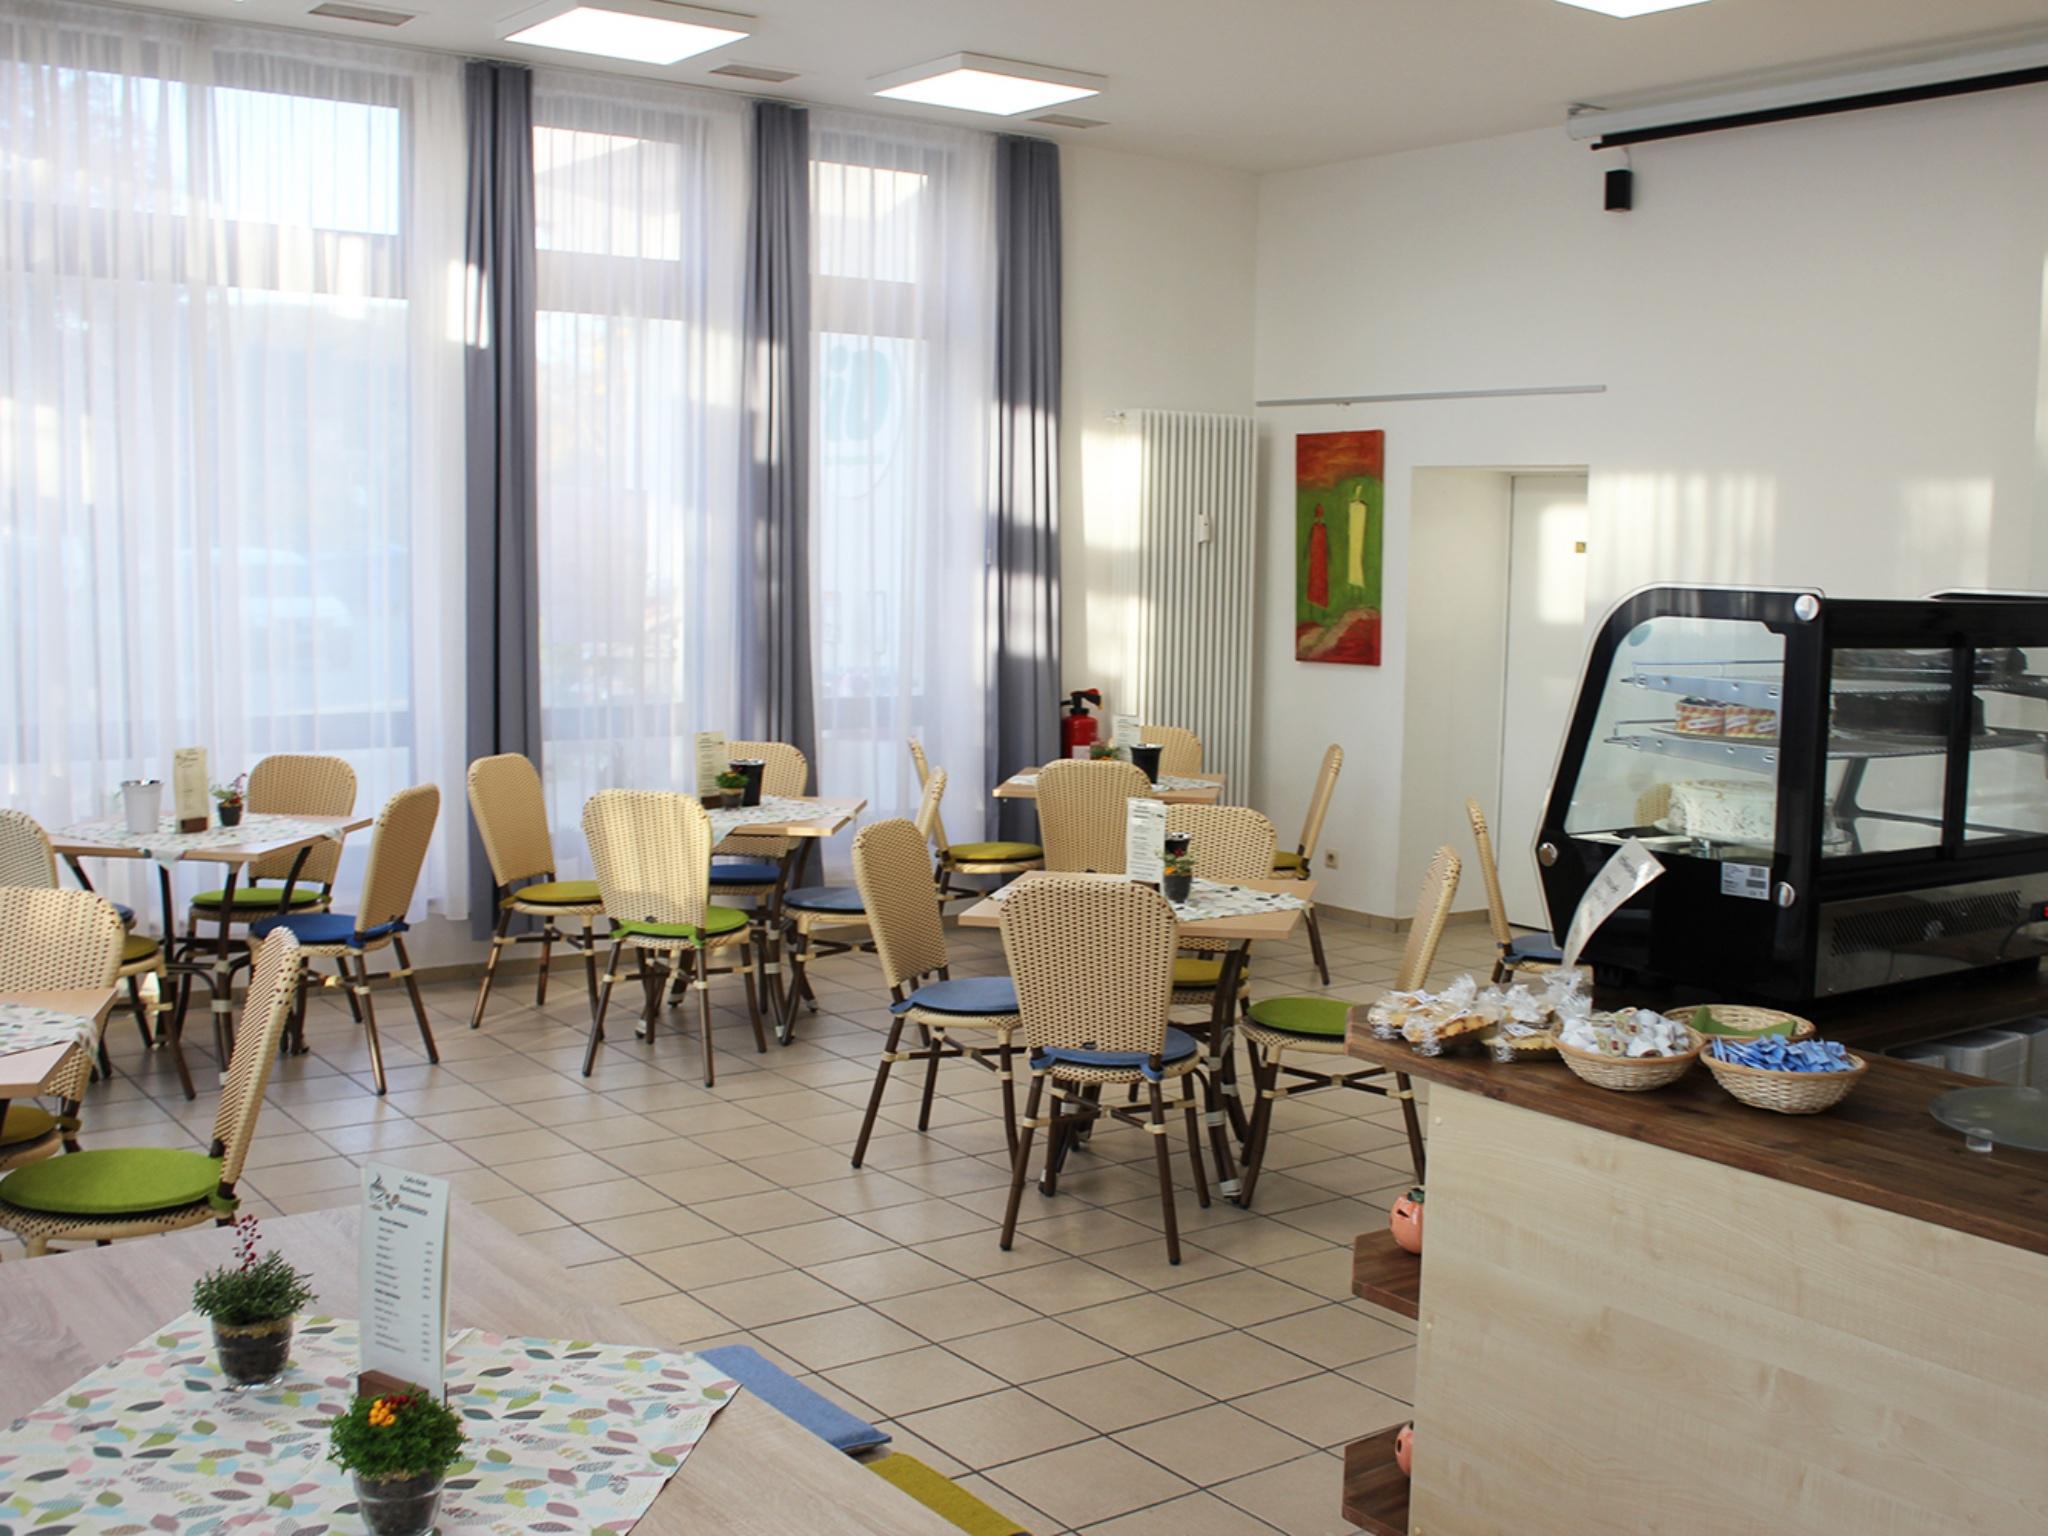 Helle und barrierefreie Räumlichkeiten Am Deutschhof 21: Das Café-RAW hat dienstags bis donnerstags von 9 Uhr bis 15.30 Uhr und freitags nach Anmeldung geöffnet. Foto: Reto Glemser